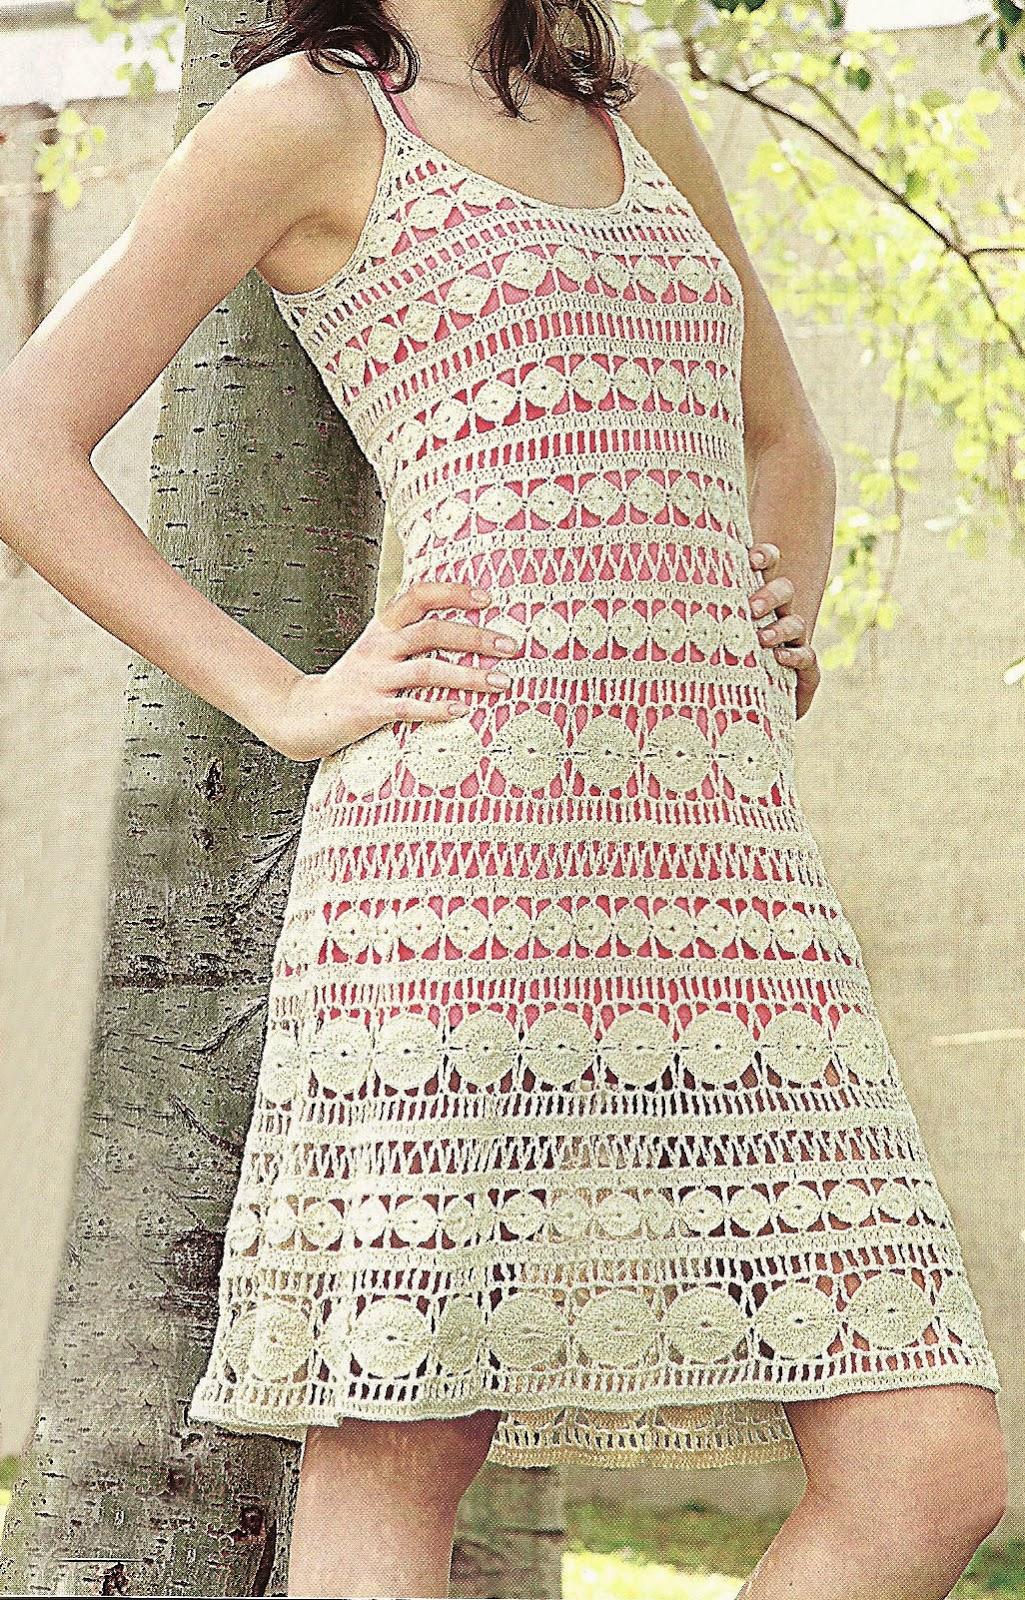 Hermosa Modelo Del Hilo De Crochet Molde - Manta de Tejer Patrón de ...